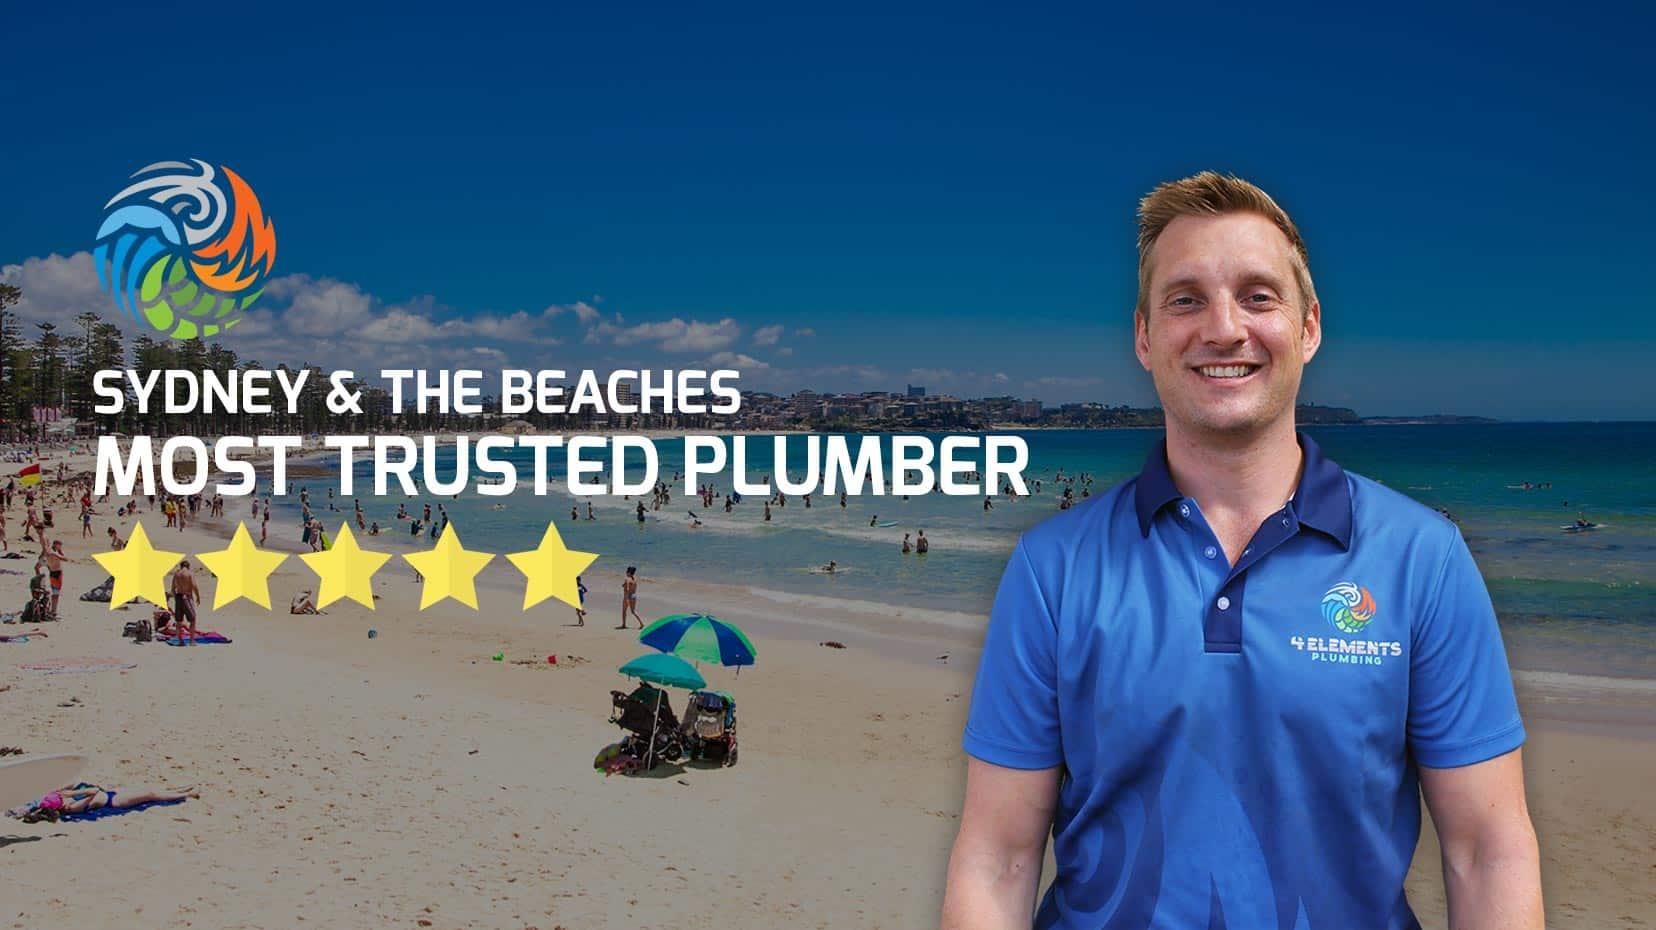 Luke - 4 Elements Plumbing